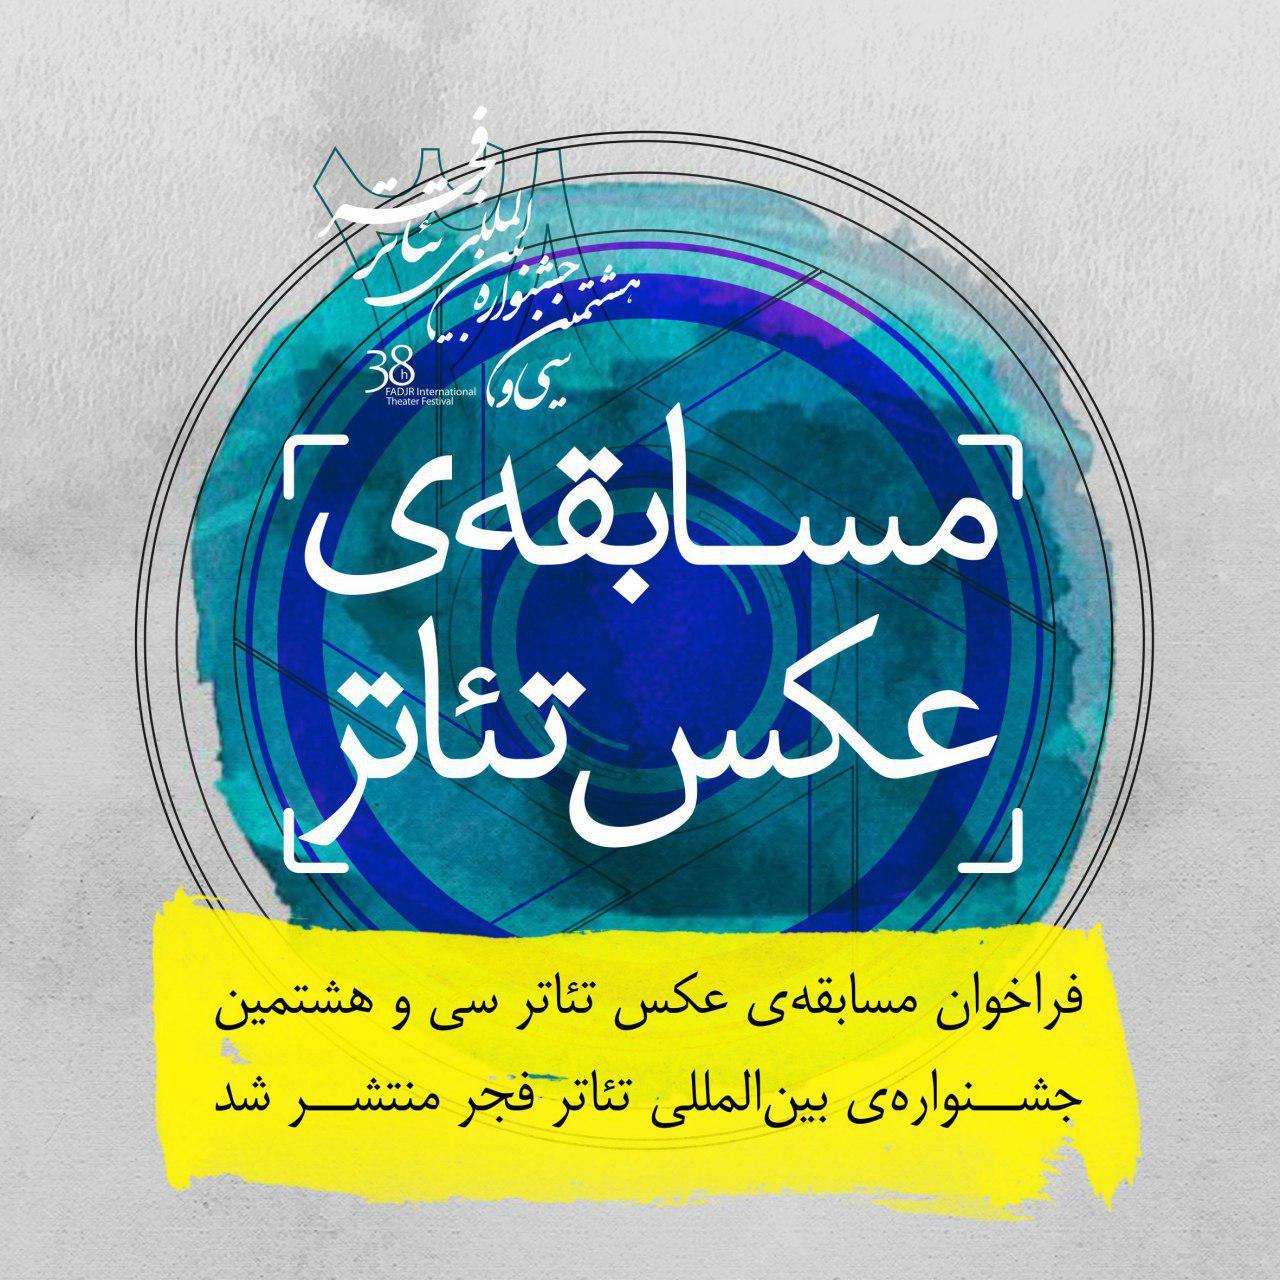 فراخوان مسابقه عکس تئاتر سی و هشتمین جشنواره بینالمللی تئاتر فجر